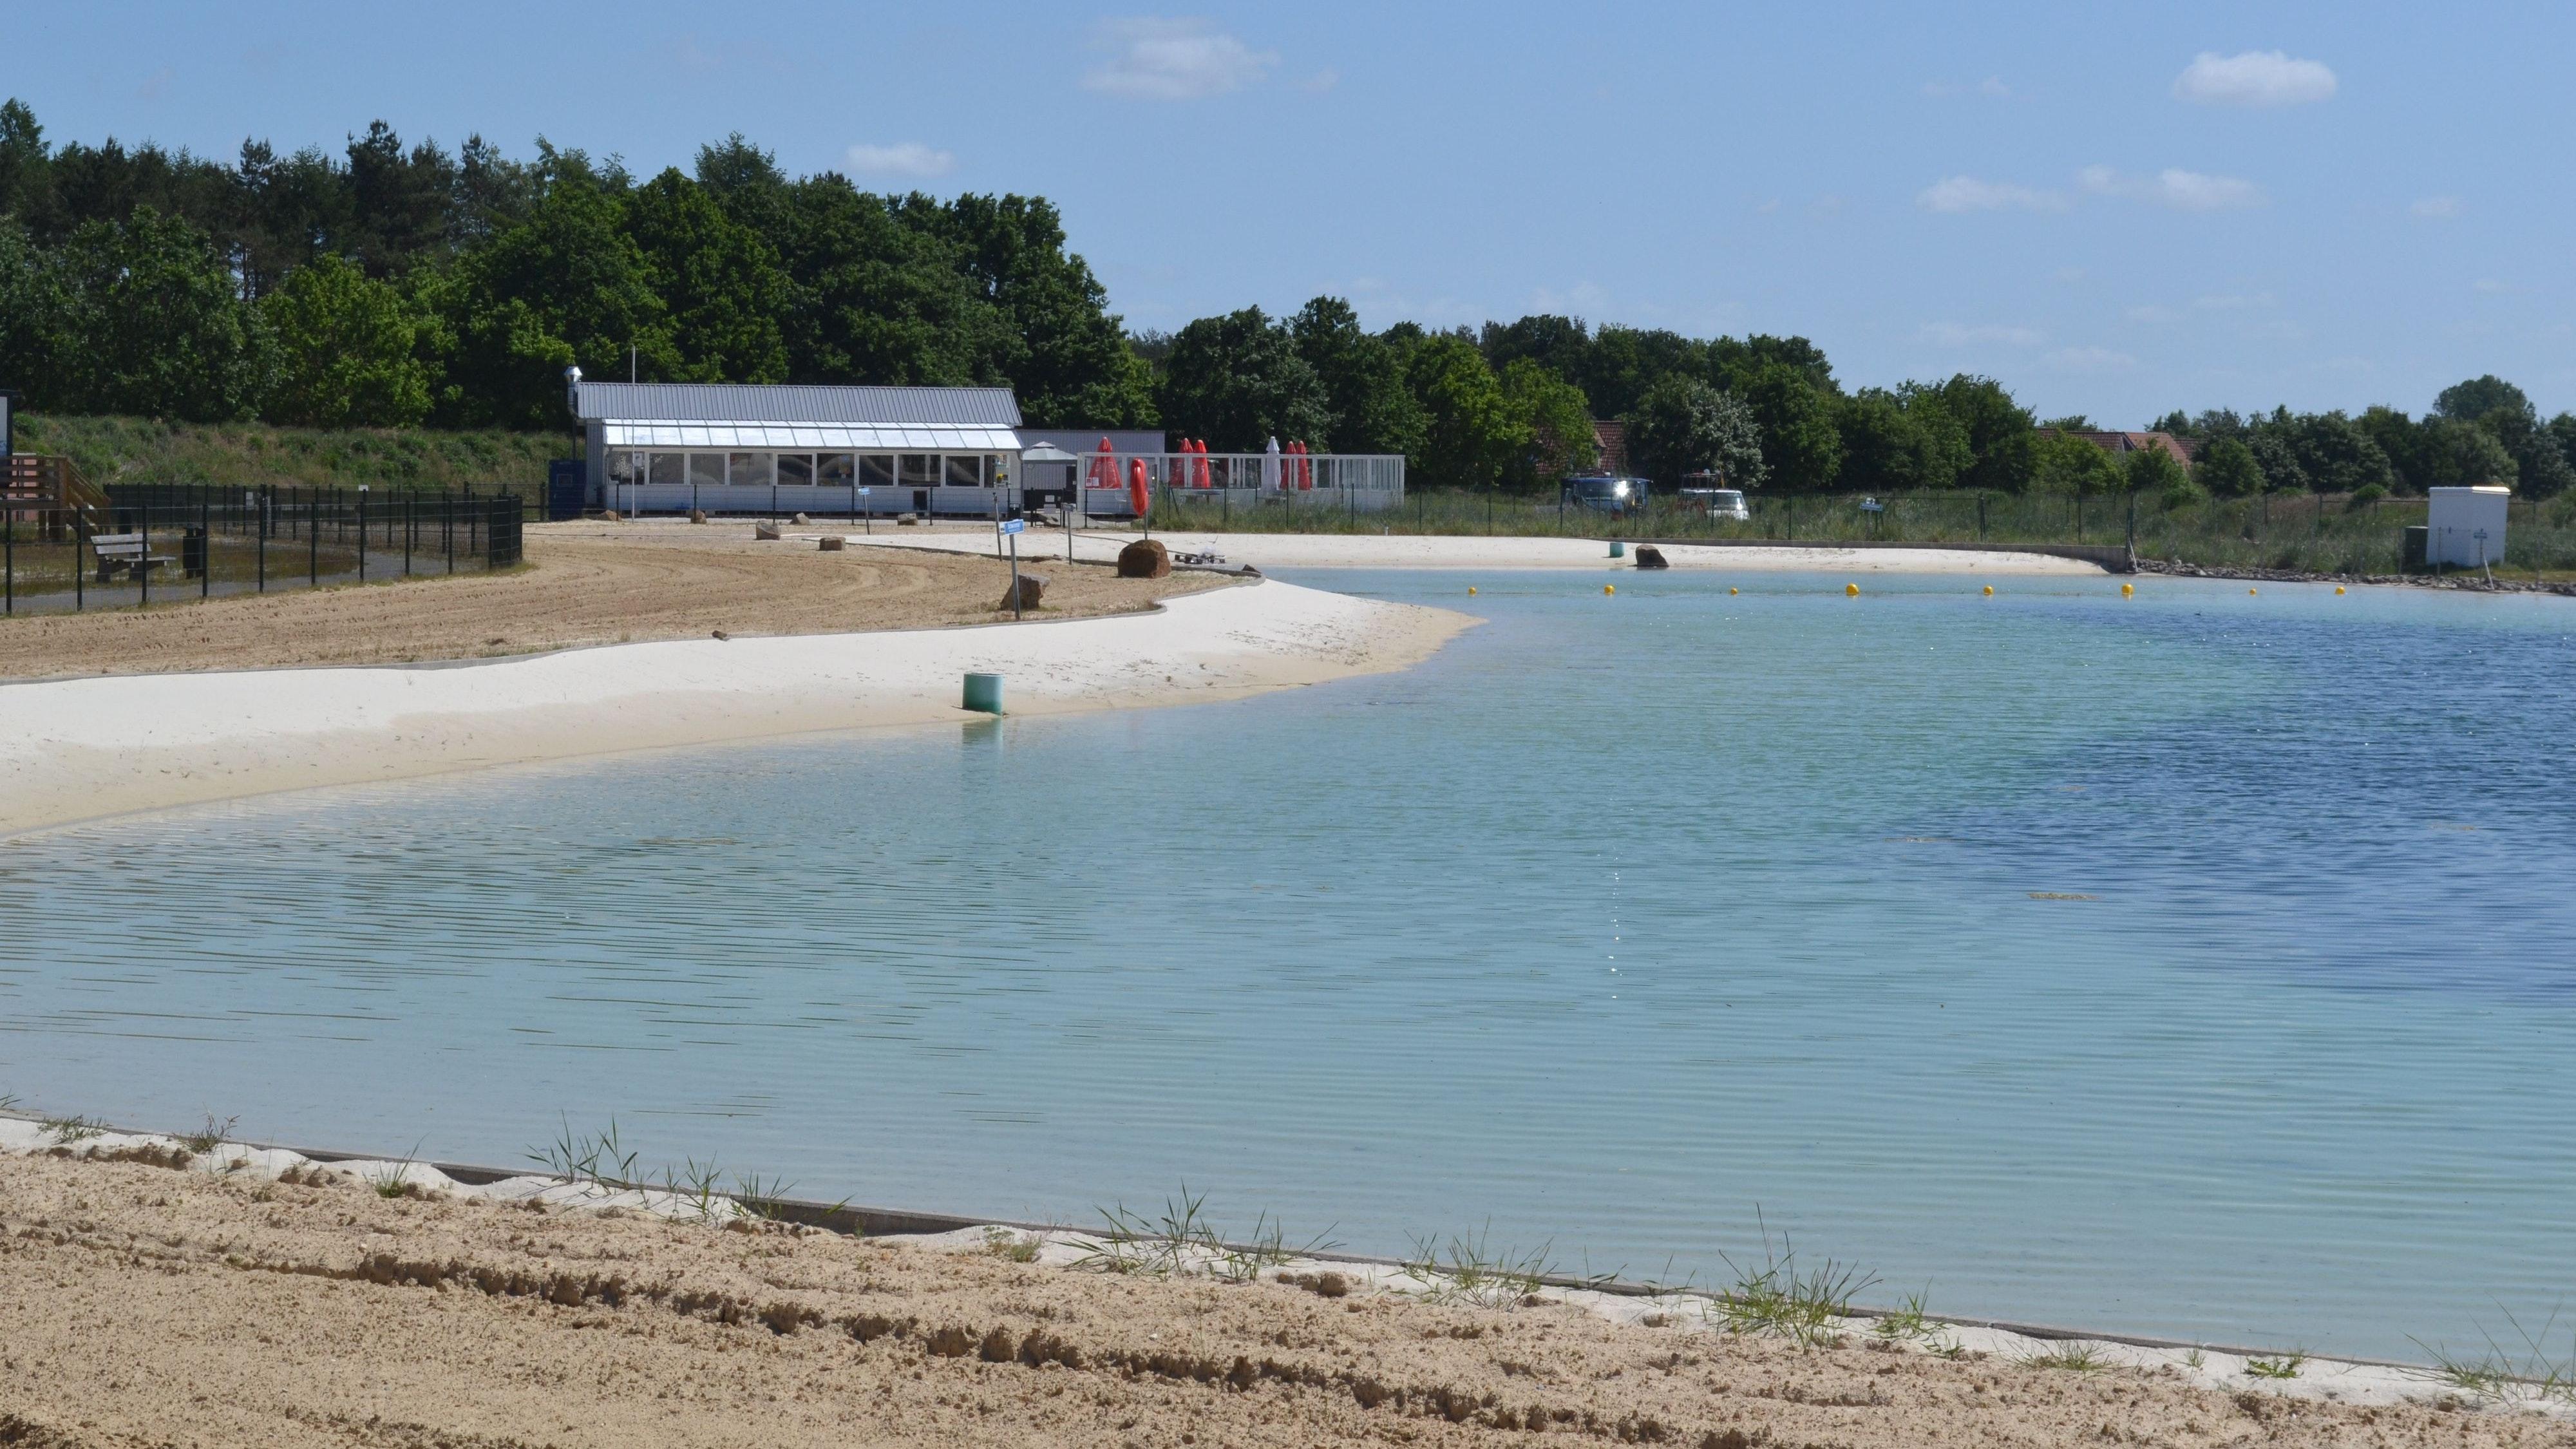 Idyllisch: Der Badesee in Dwergte wurde 2015 gebaut. Archivfoto: Schrimper